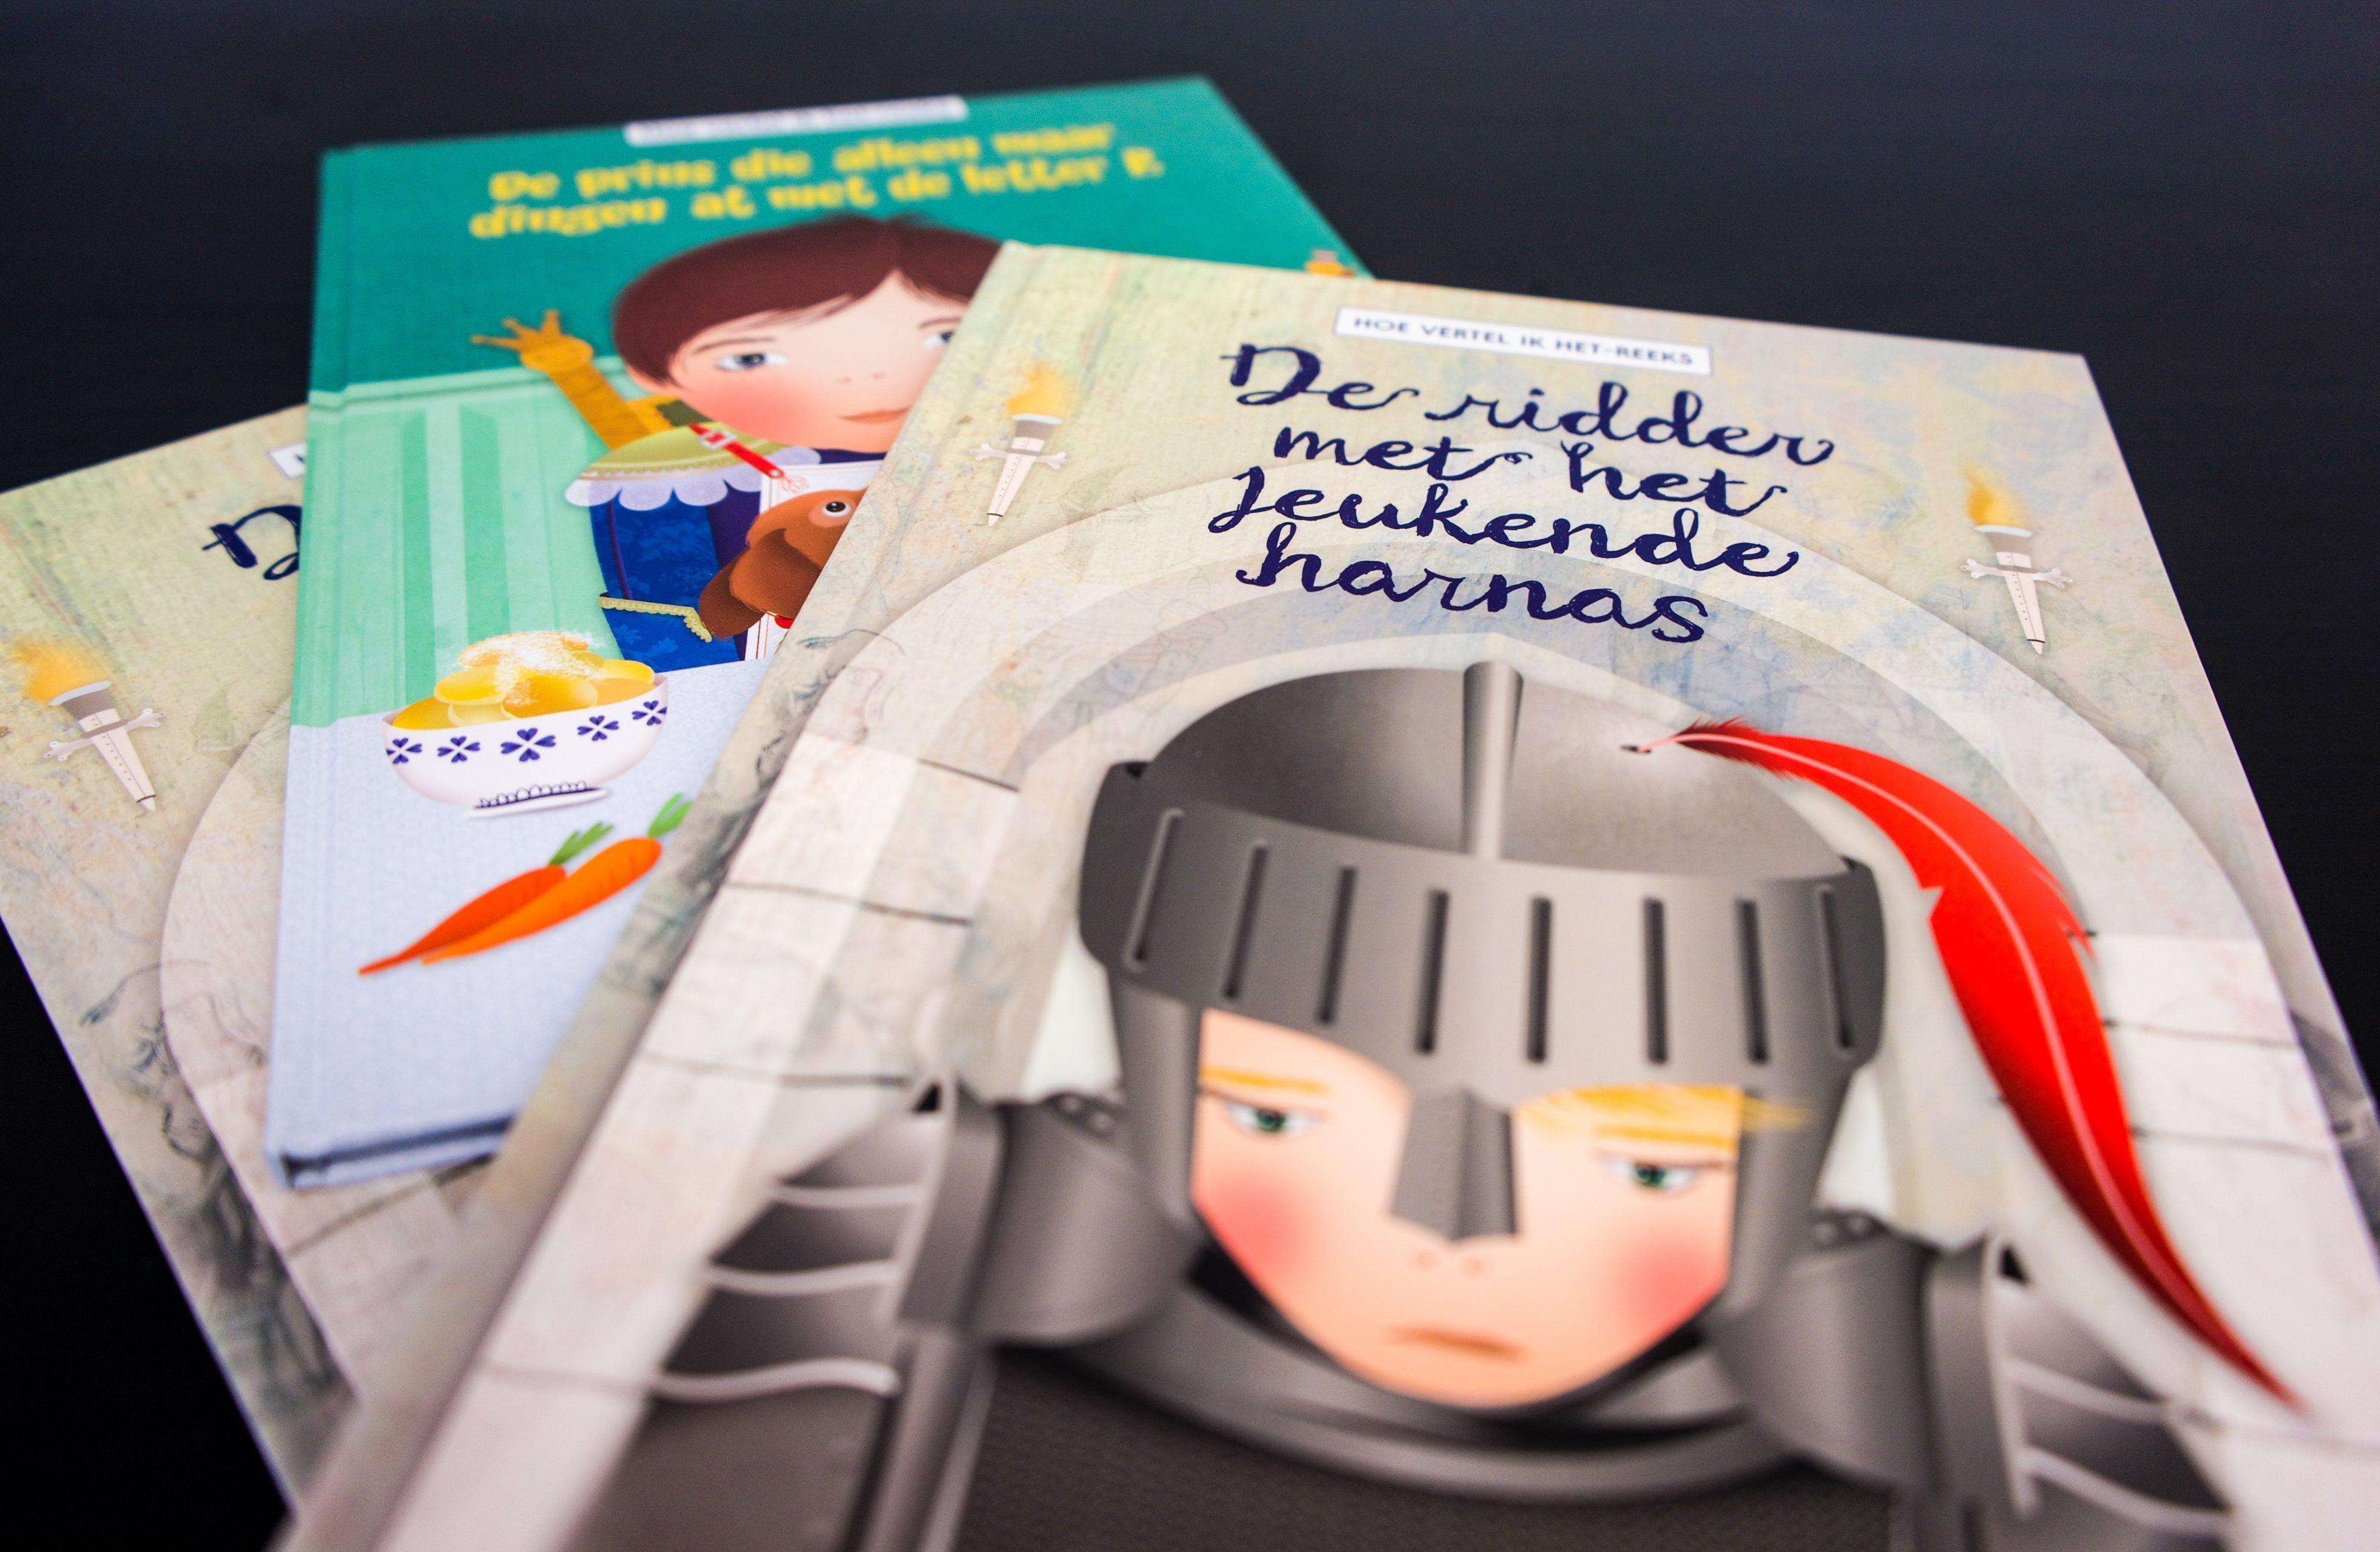 Tineke toet kinderboek goede boekendrukker